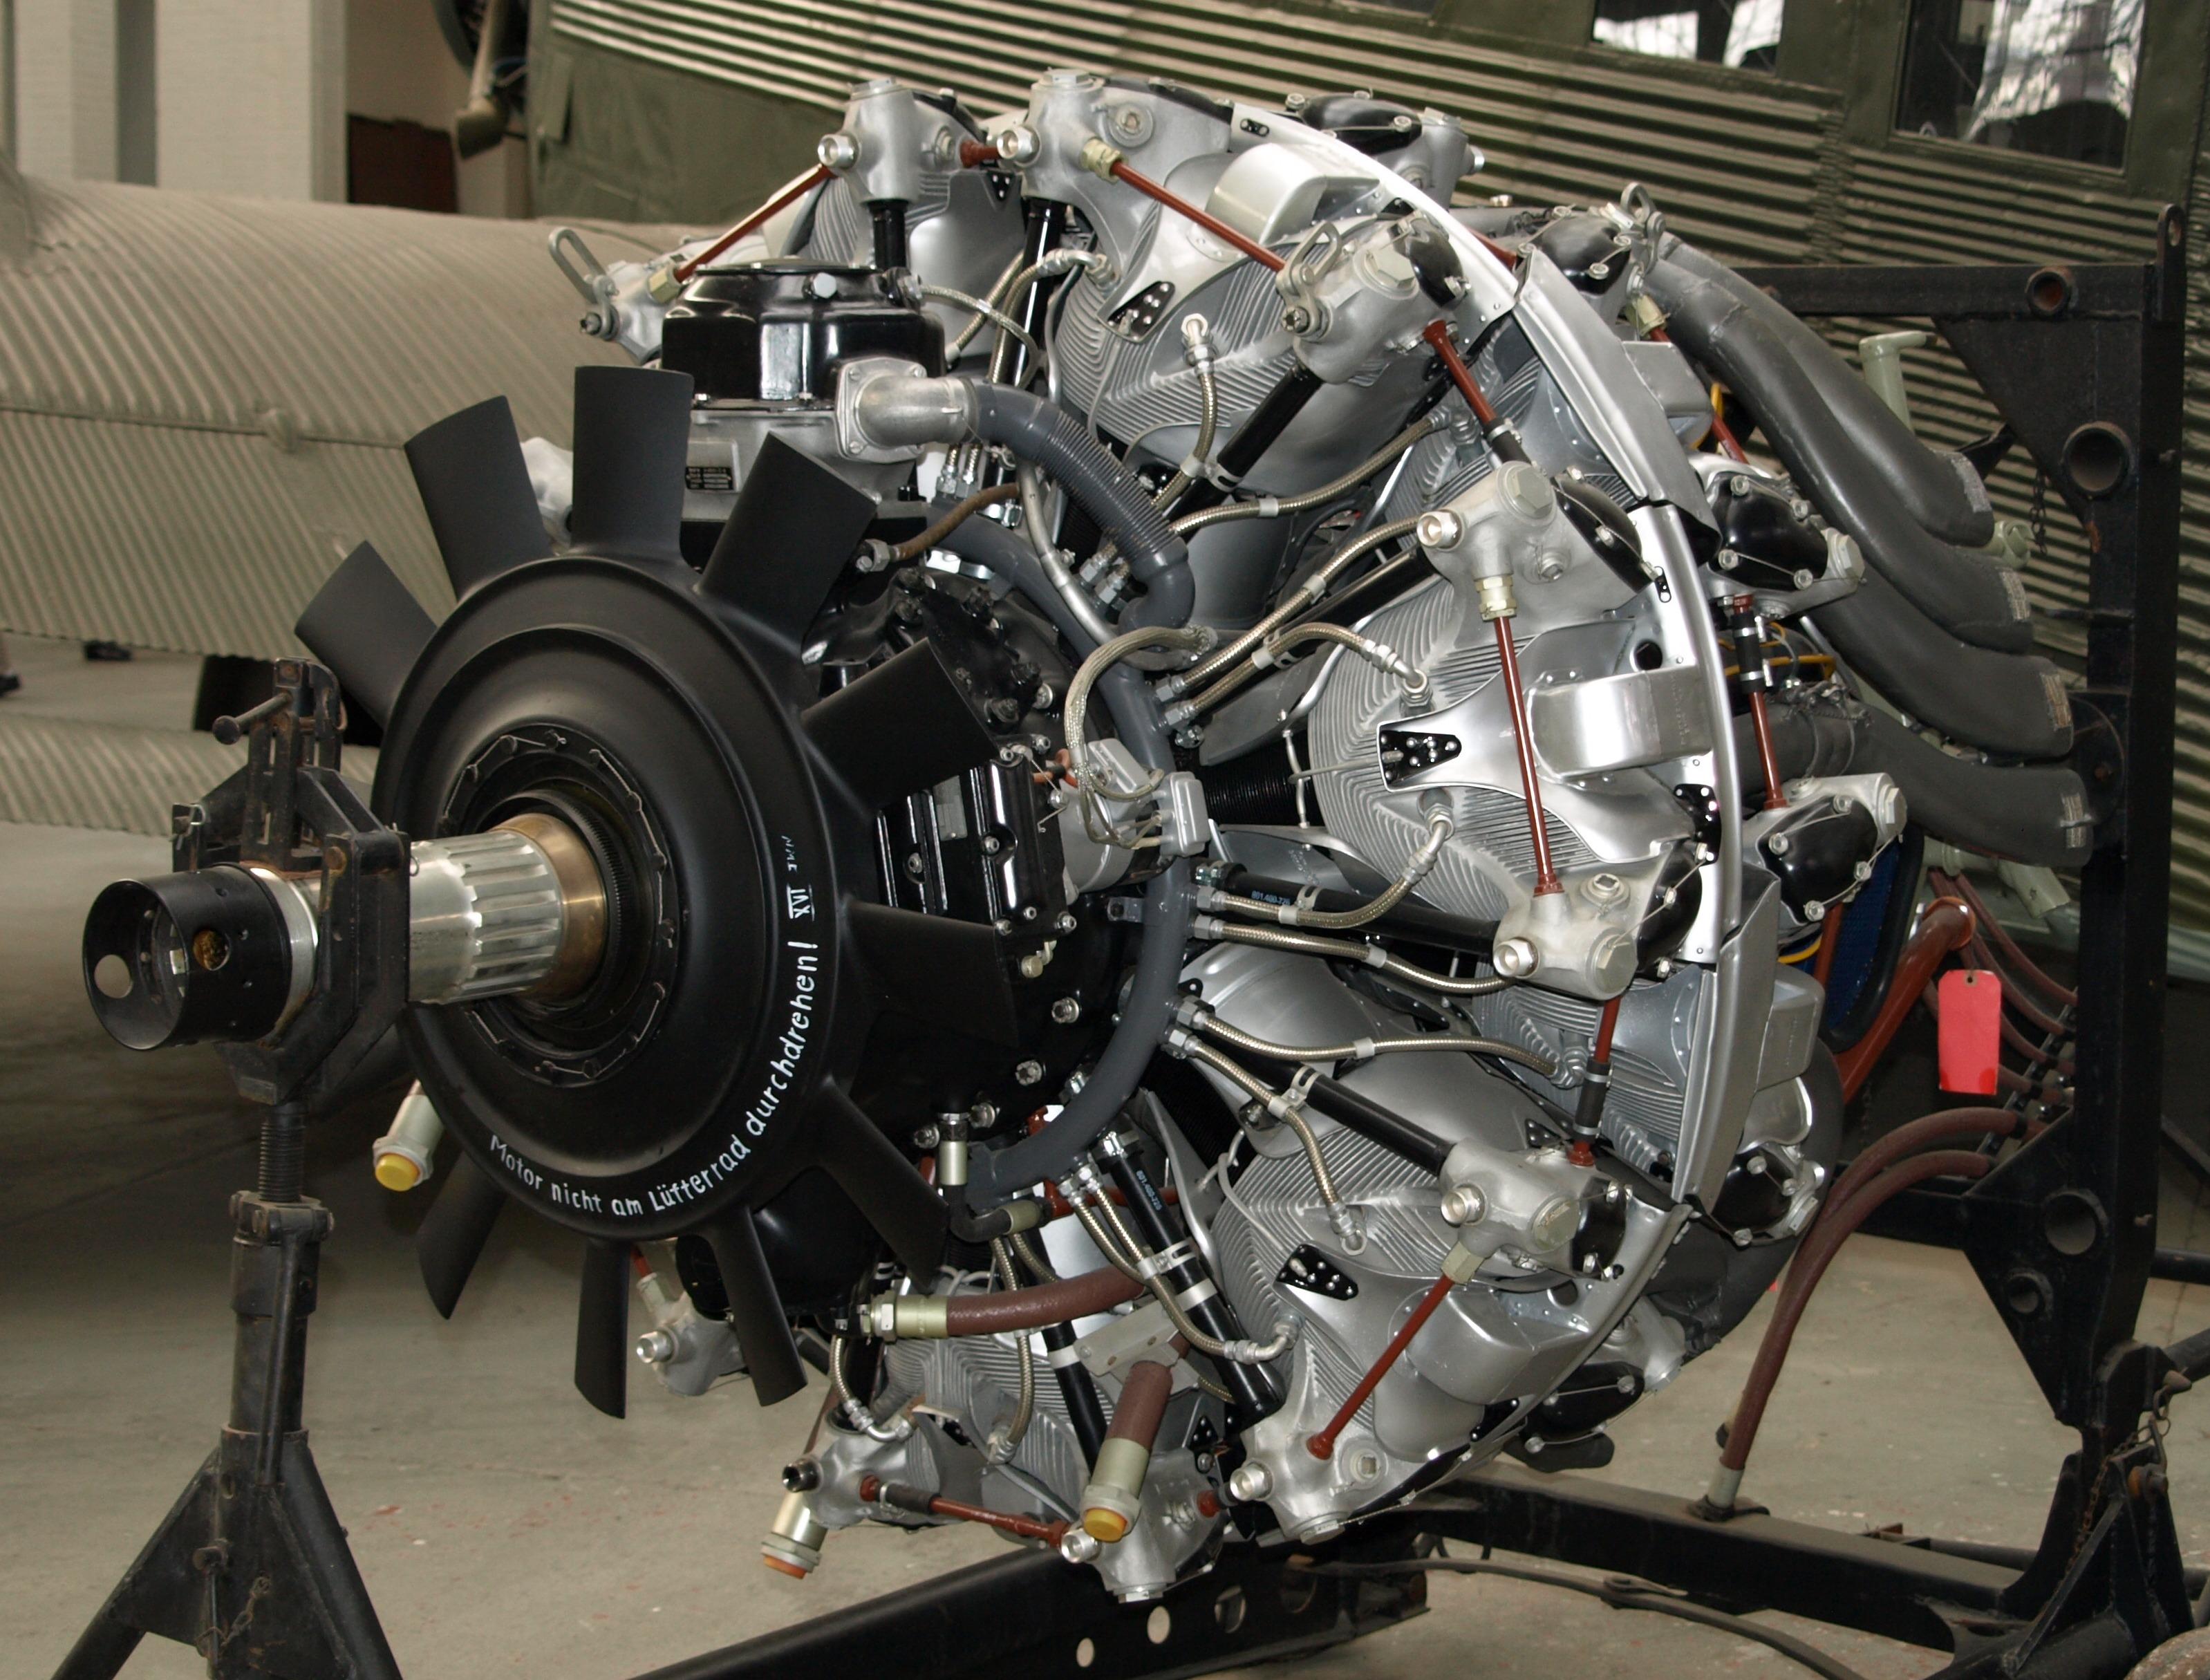 BMW 801 - Wikipedia